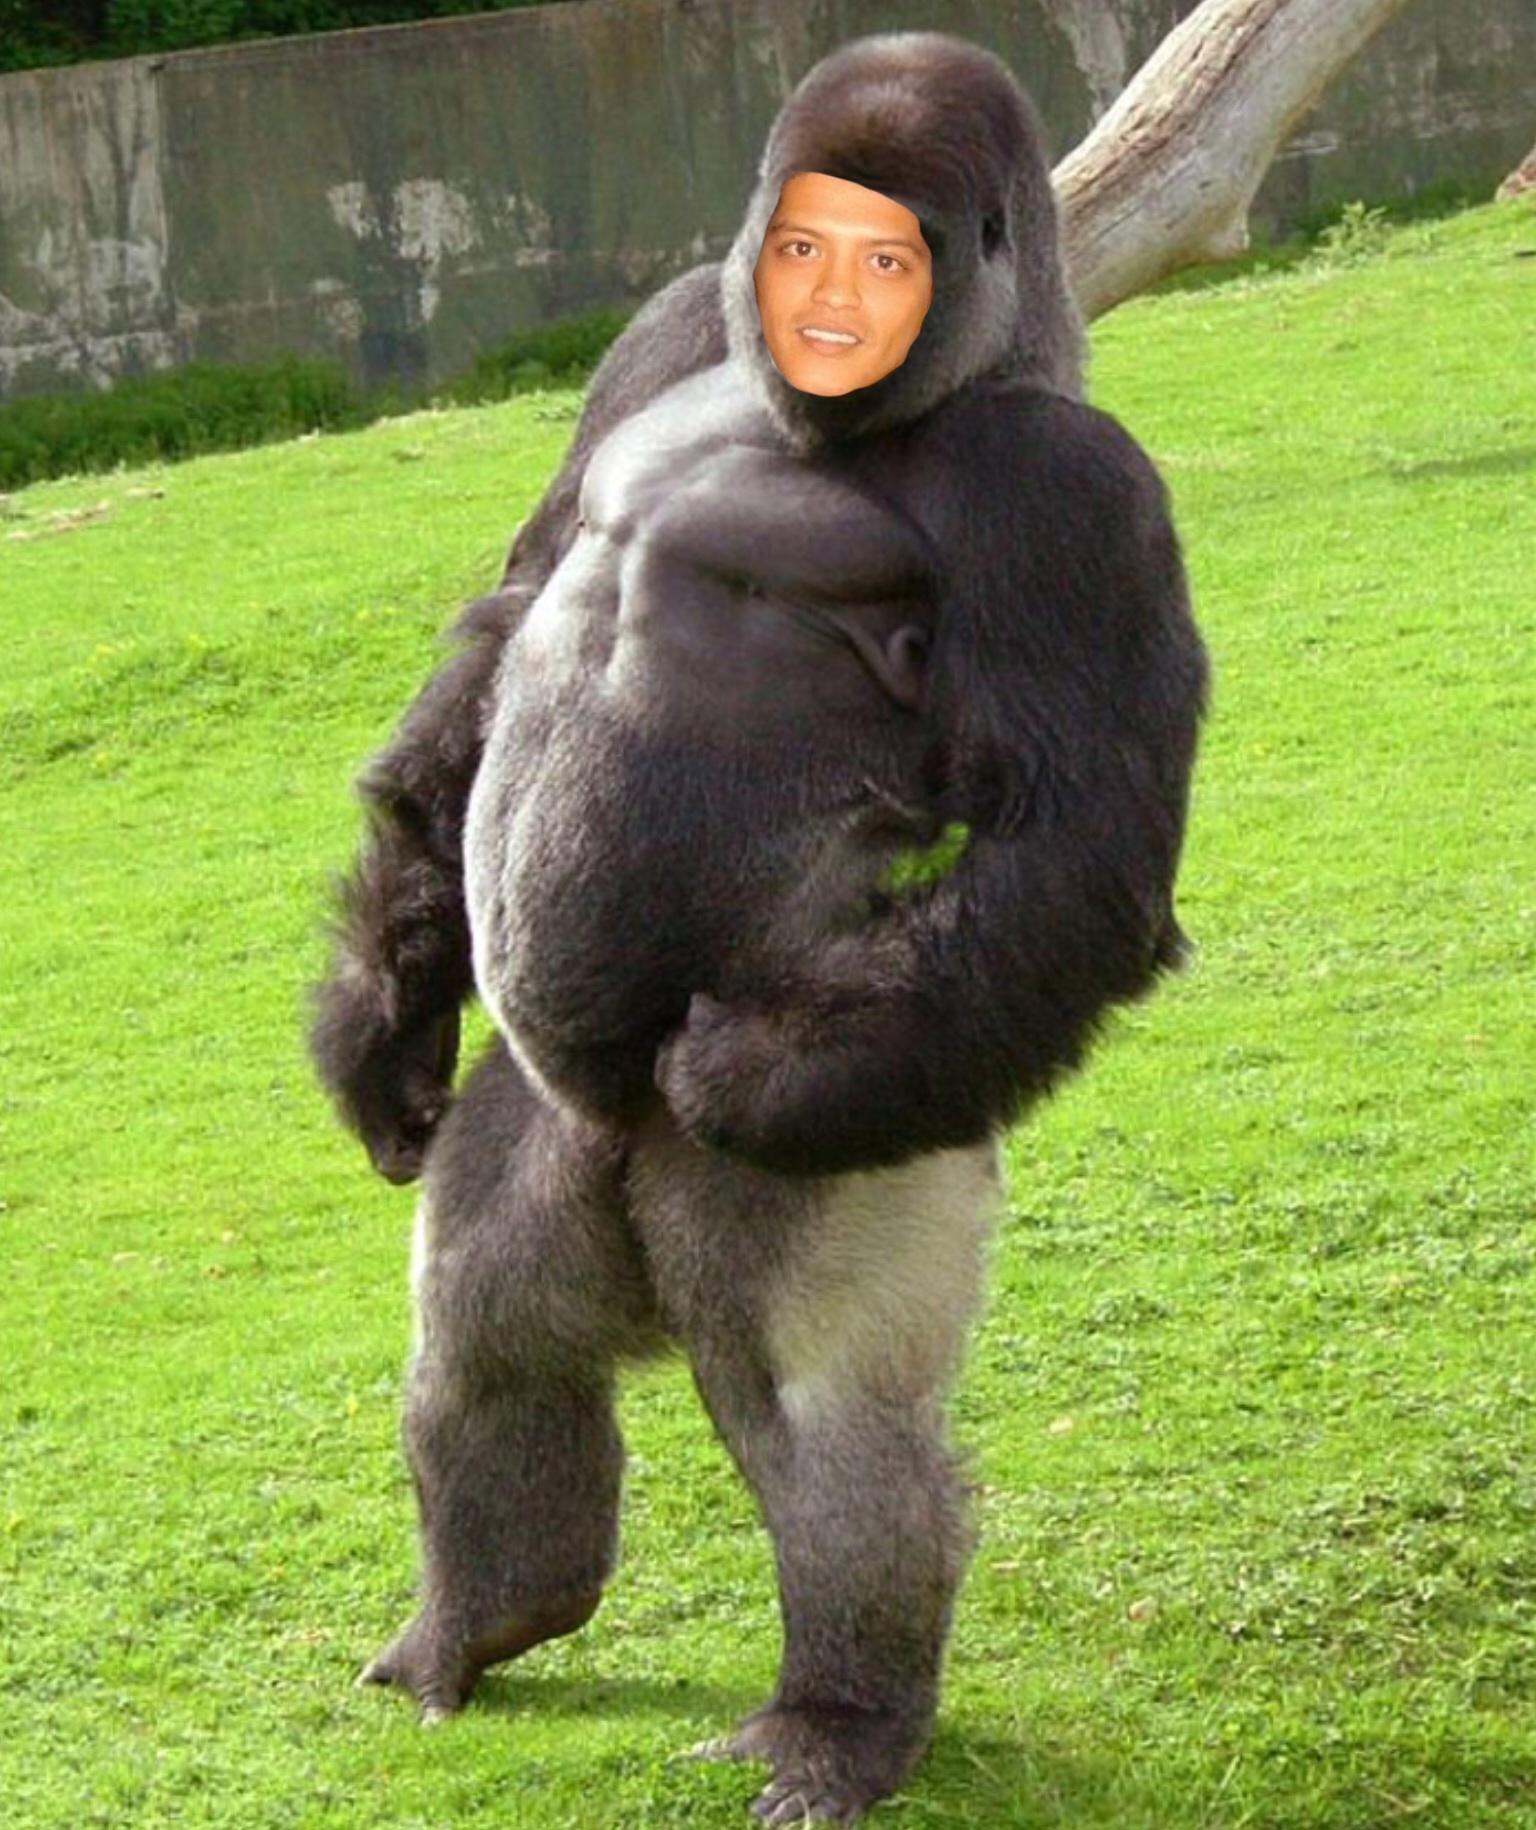 Gorilla penis pistures erotica photos